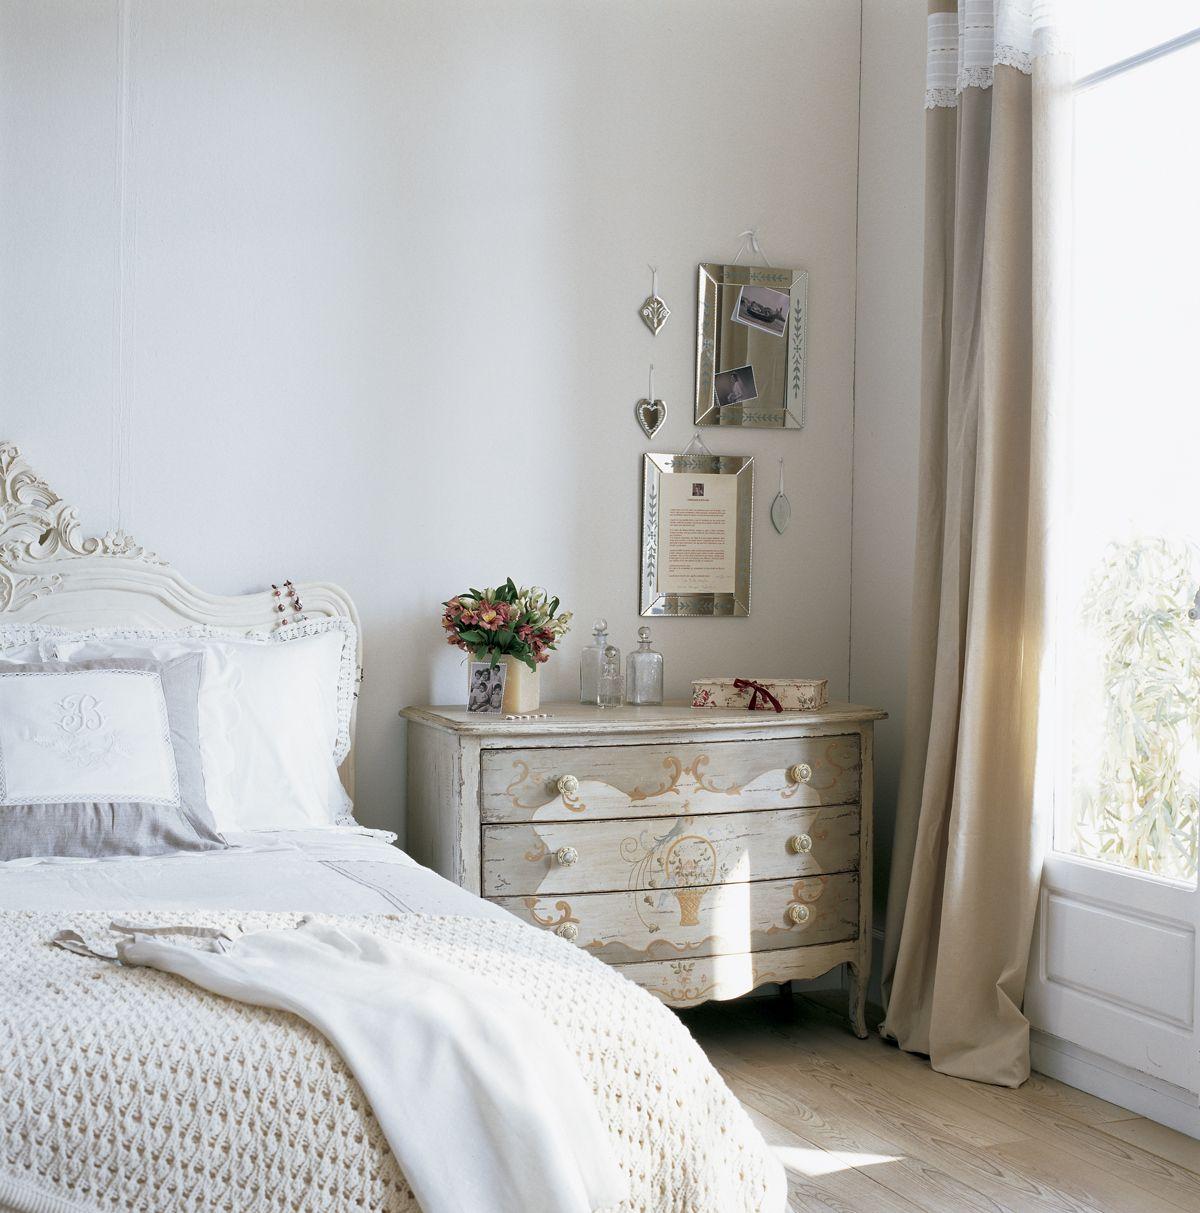 Dormitorio Cl Sico Con C Moda Pintada Y Espejos 0020512 9  # Muebles Necesarios En Un Dormitorio